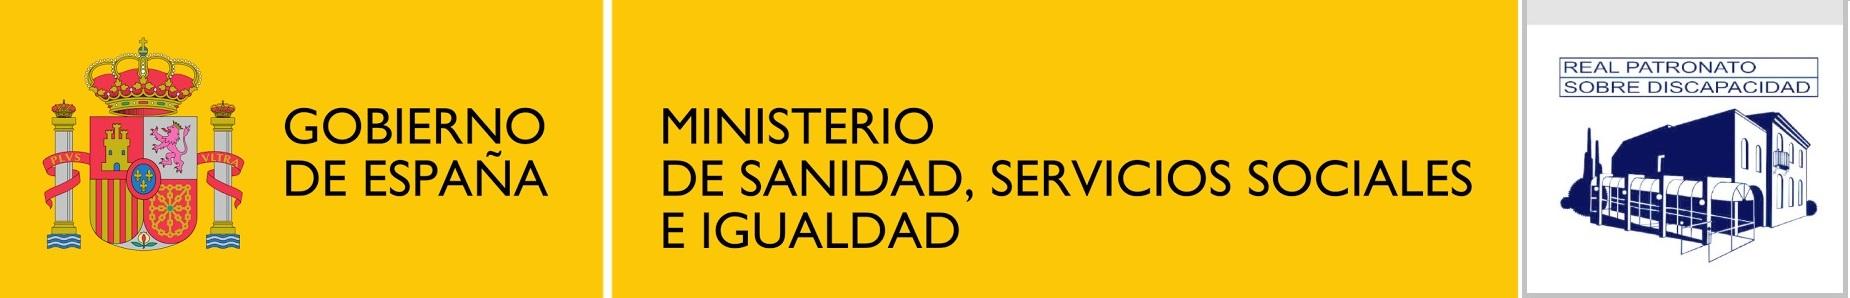 Logotipo del Real Patronato sobre Discapacidad. Abre ventana nueva.